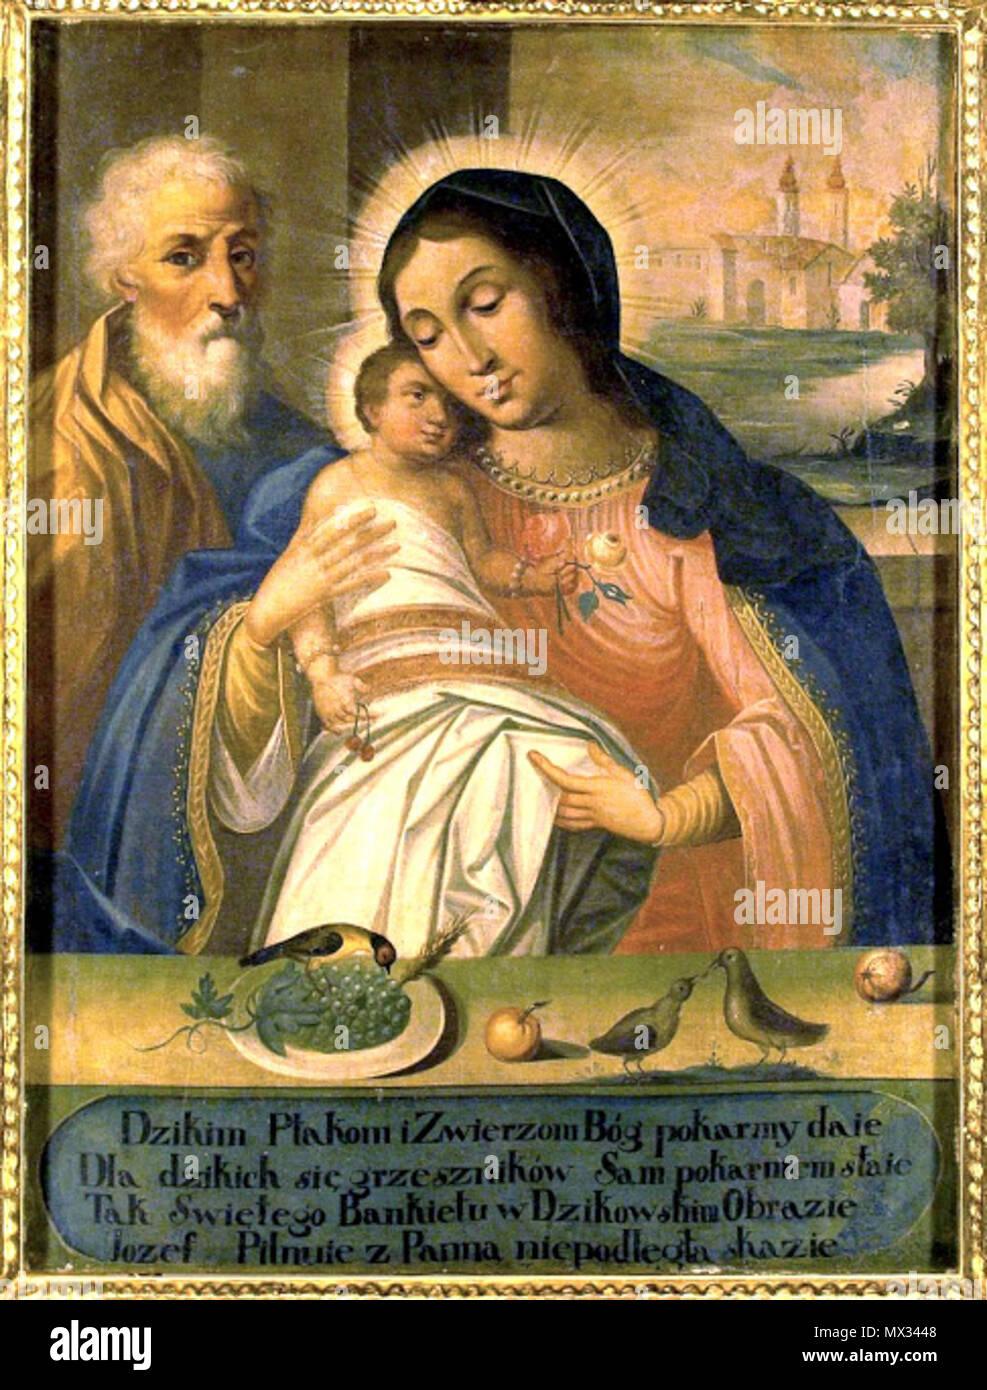 . English: Our Lady of Chorzelów Polski: Matka Boża Dzikowska / Chorzelowska . 3 January 2014, 18:51:11. M. Brzeziński 16 3-MB-Chorzelowska-2010 - Stock Image